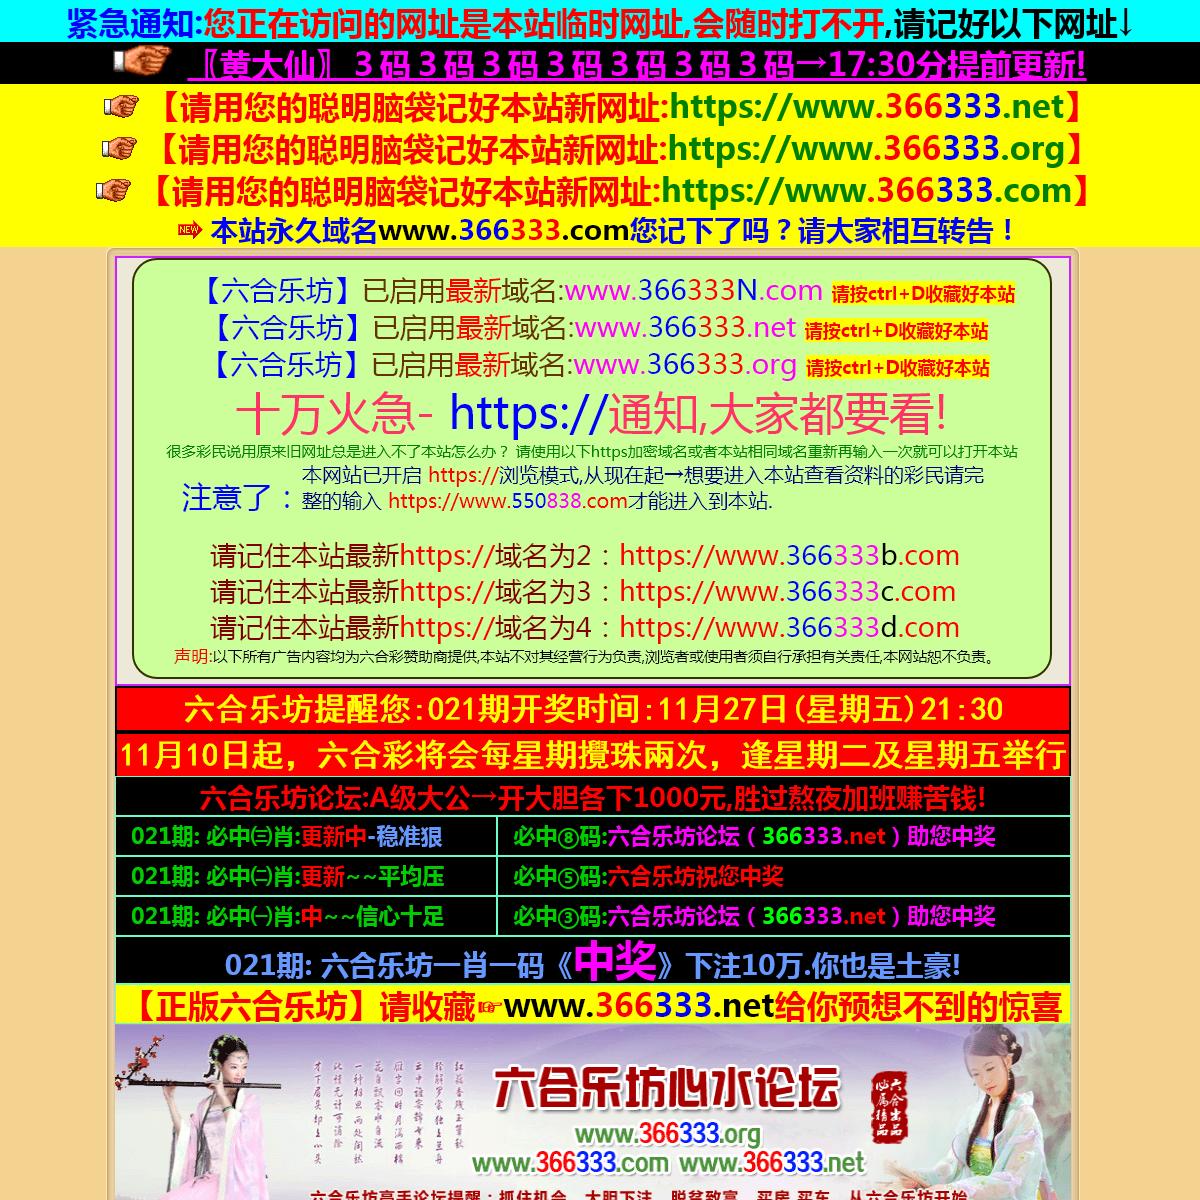 正版香港数码挂牌、香港数码挂牌、香港正版马会挂牌料